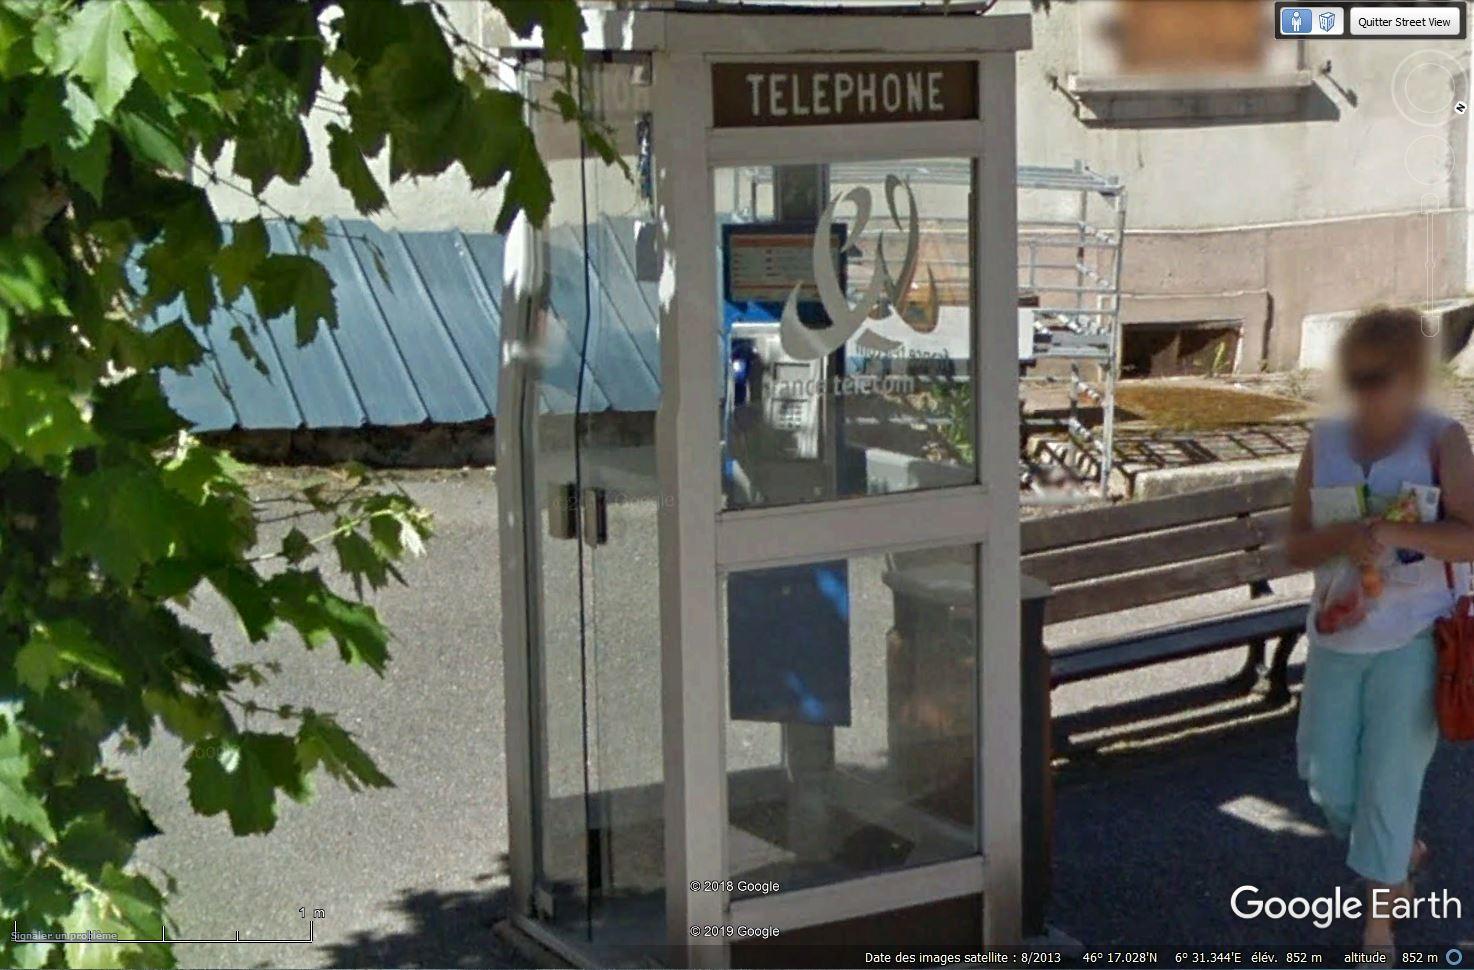 La disparition des cabines téléphoniques - Page 5 Tsge_700